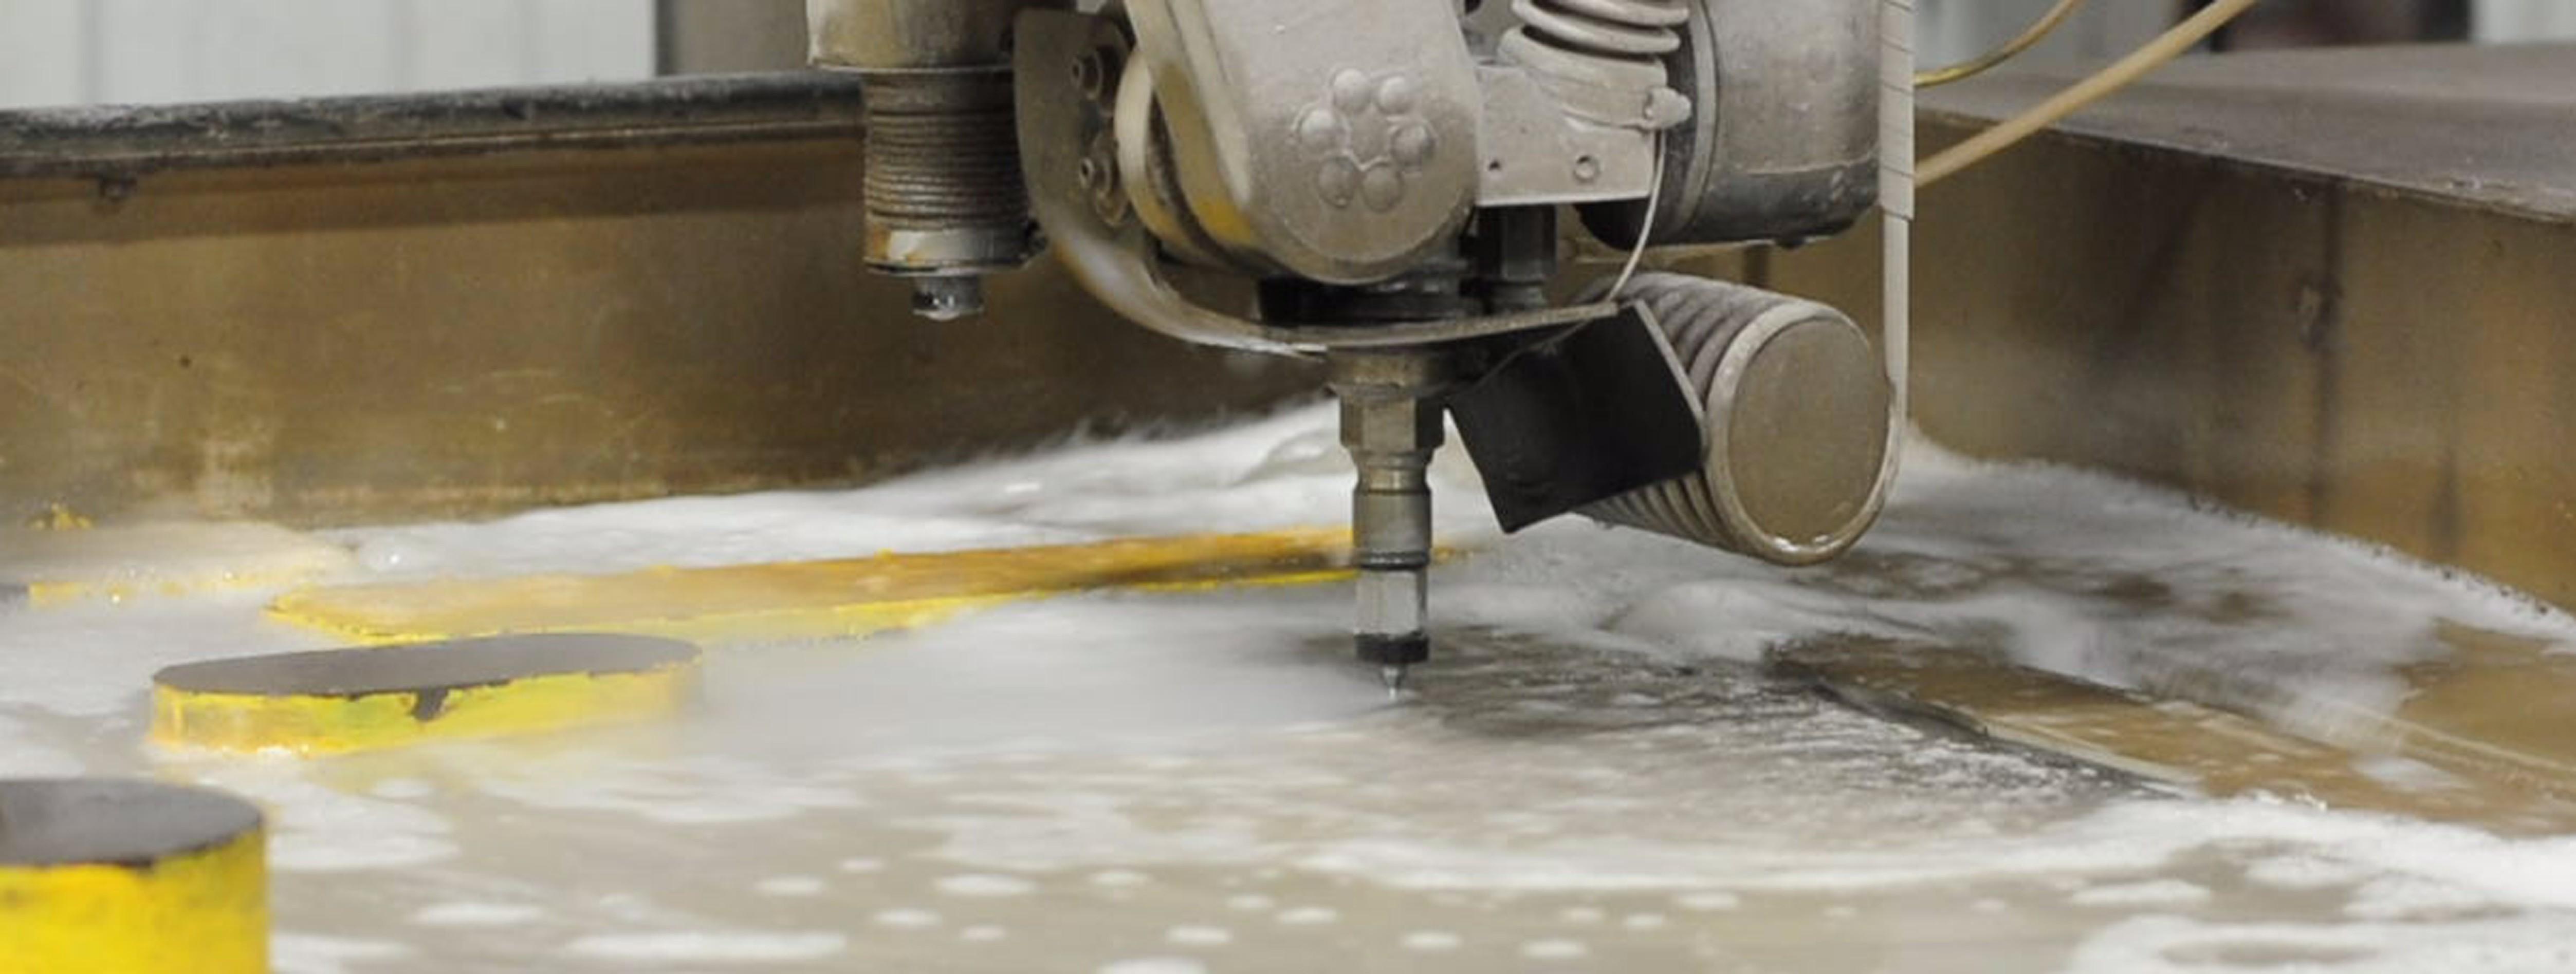 Water jet cutting metal.